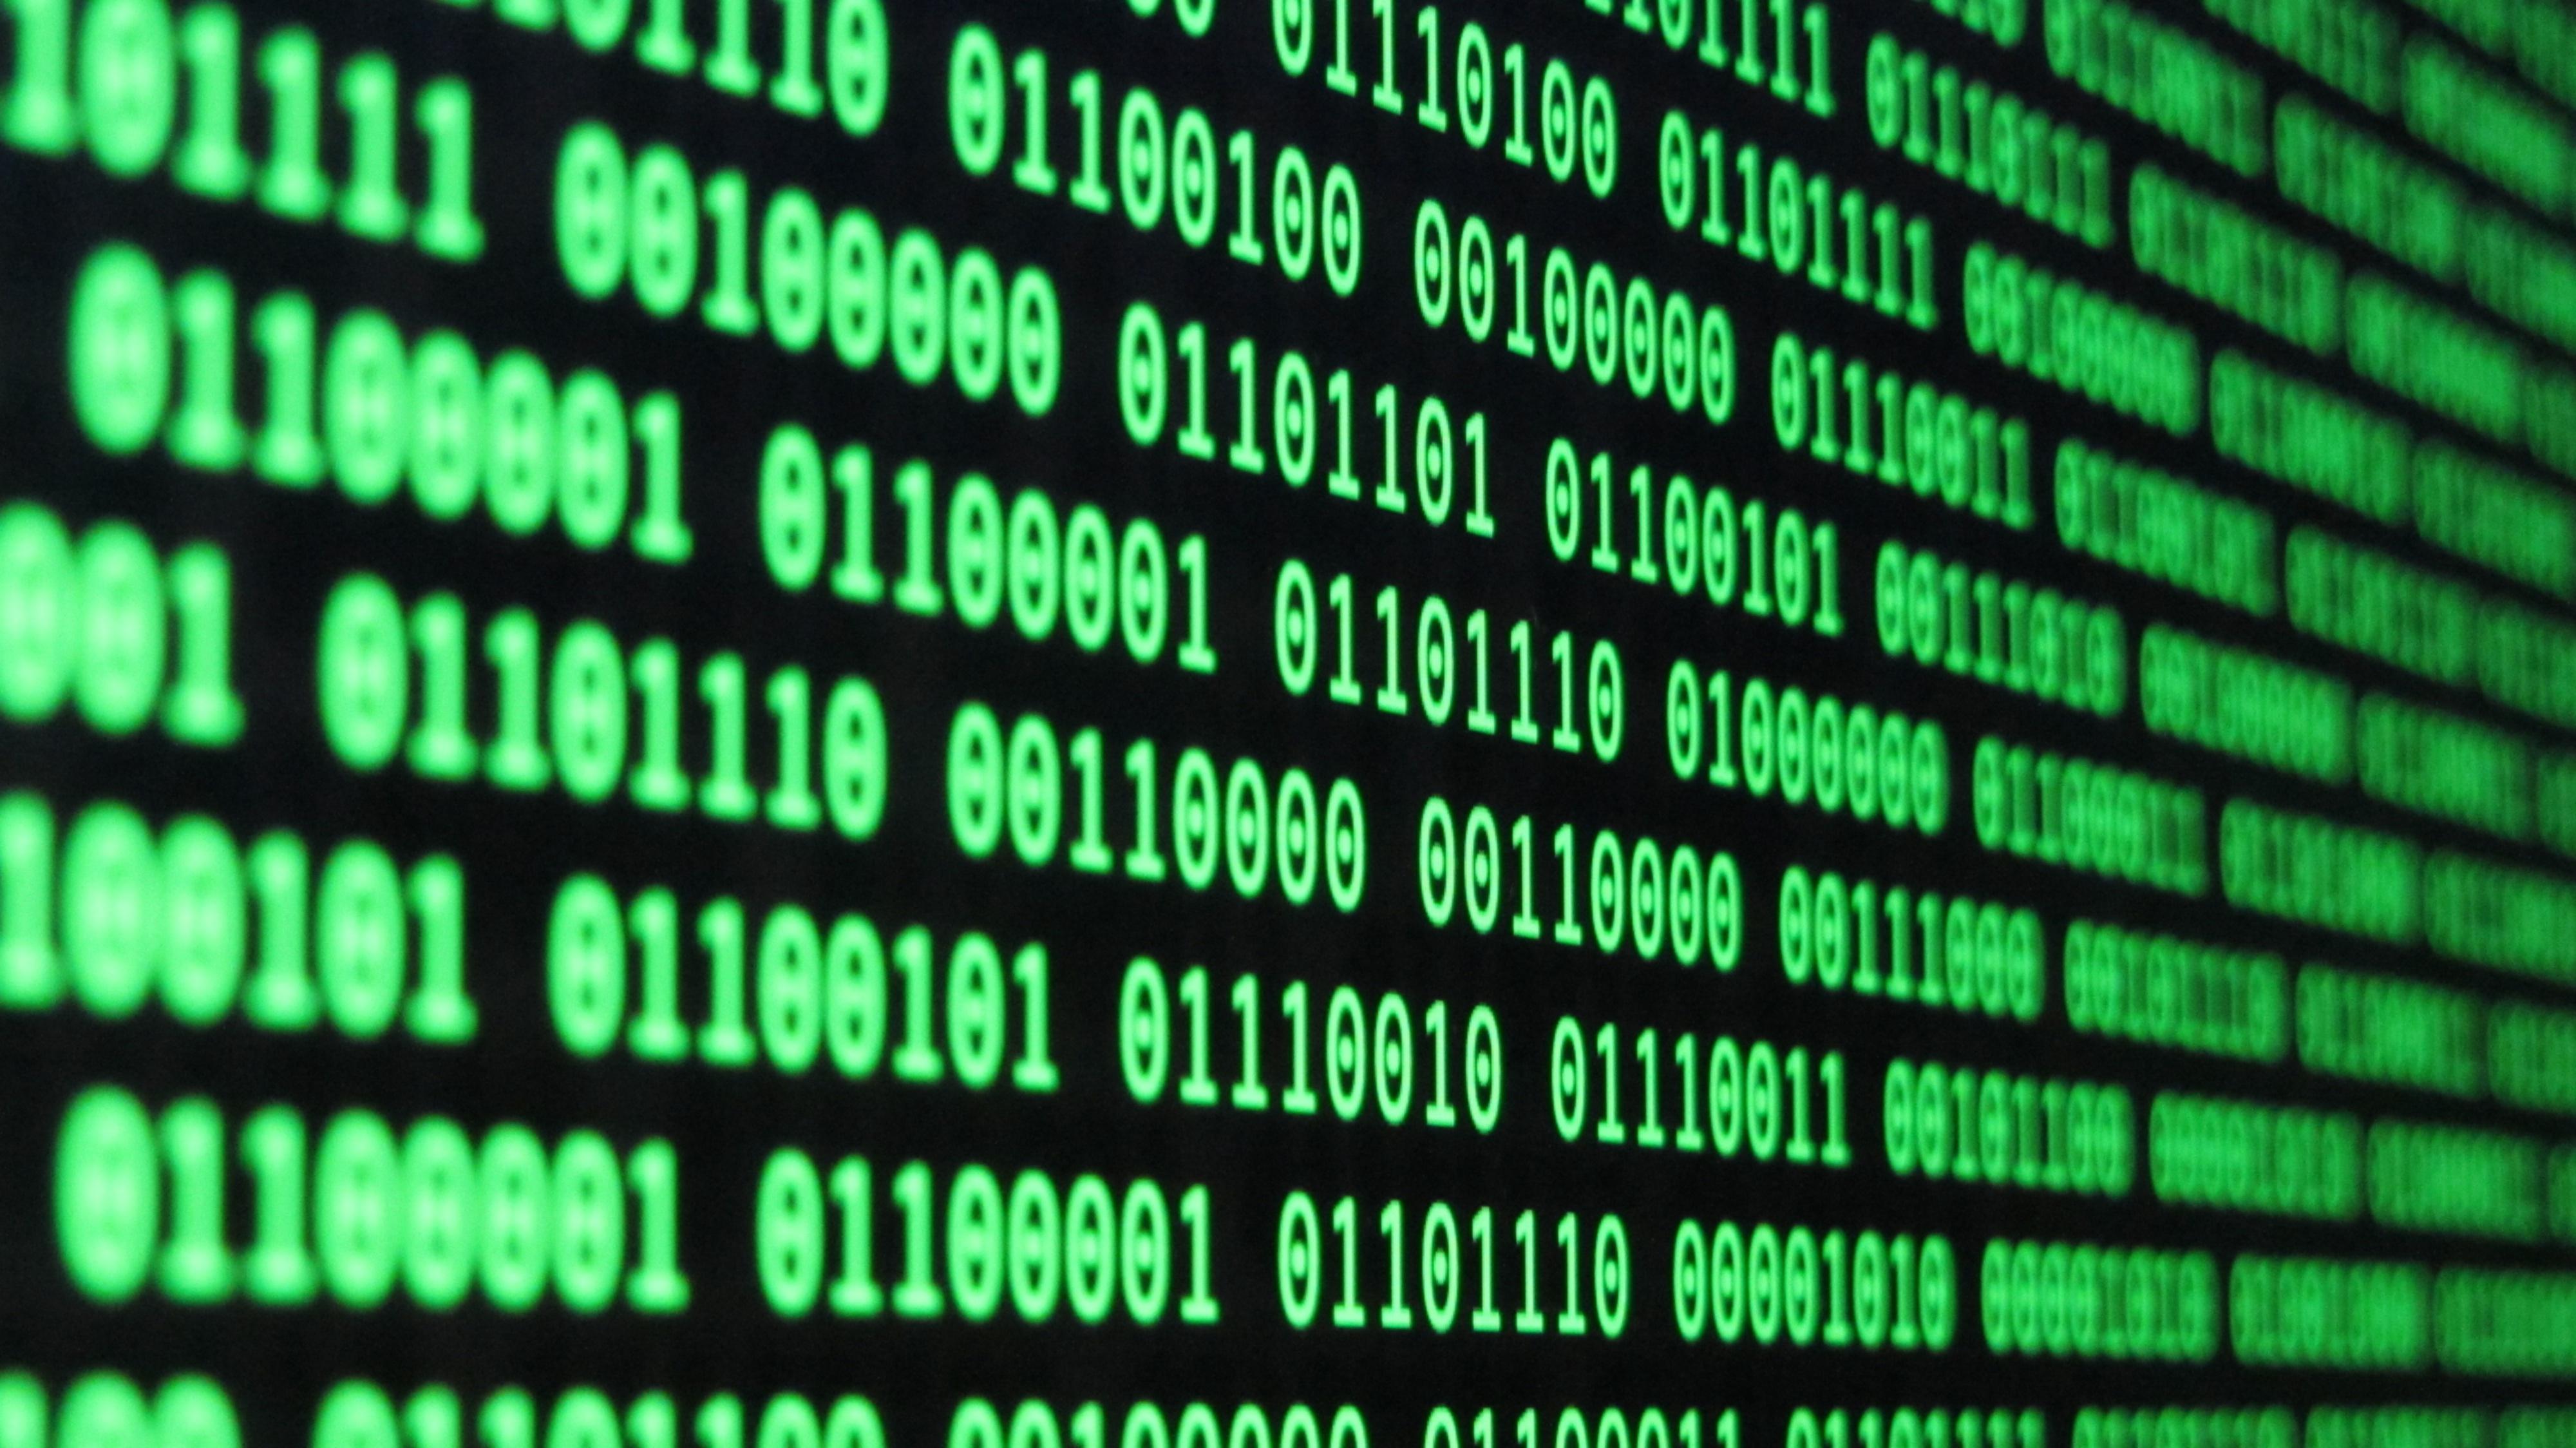 Besök vår andra forskarblogg om hur digitaliseringen påverkar konsumtionsmönster